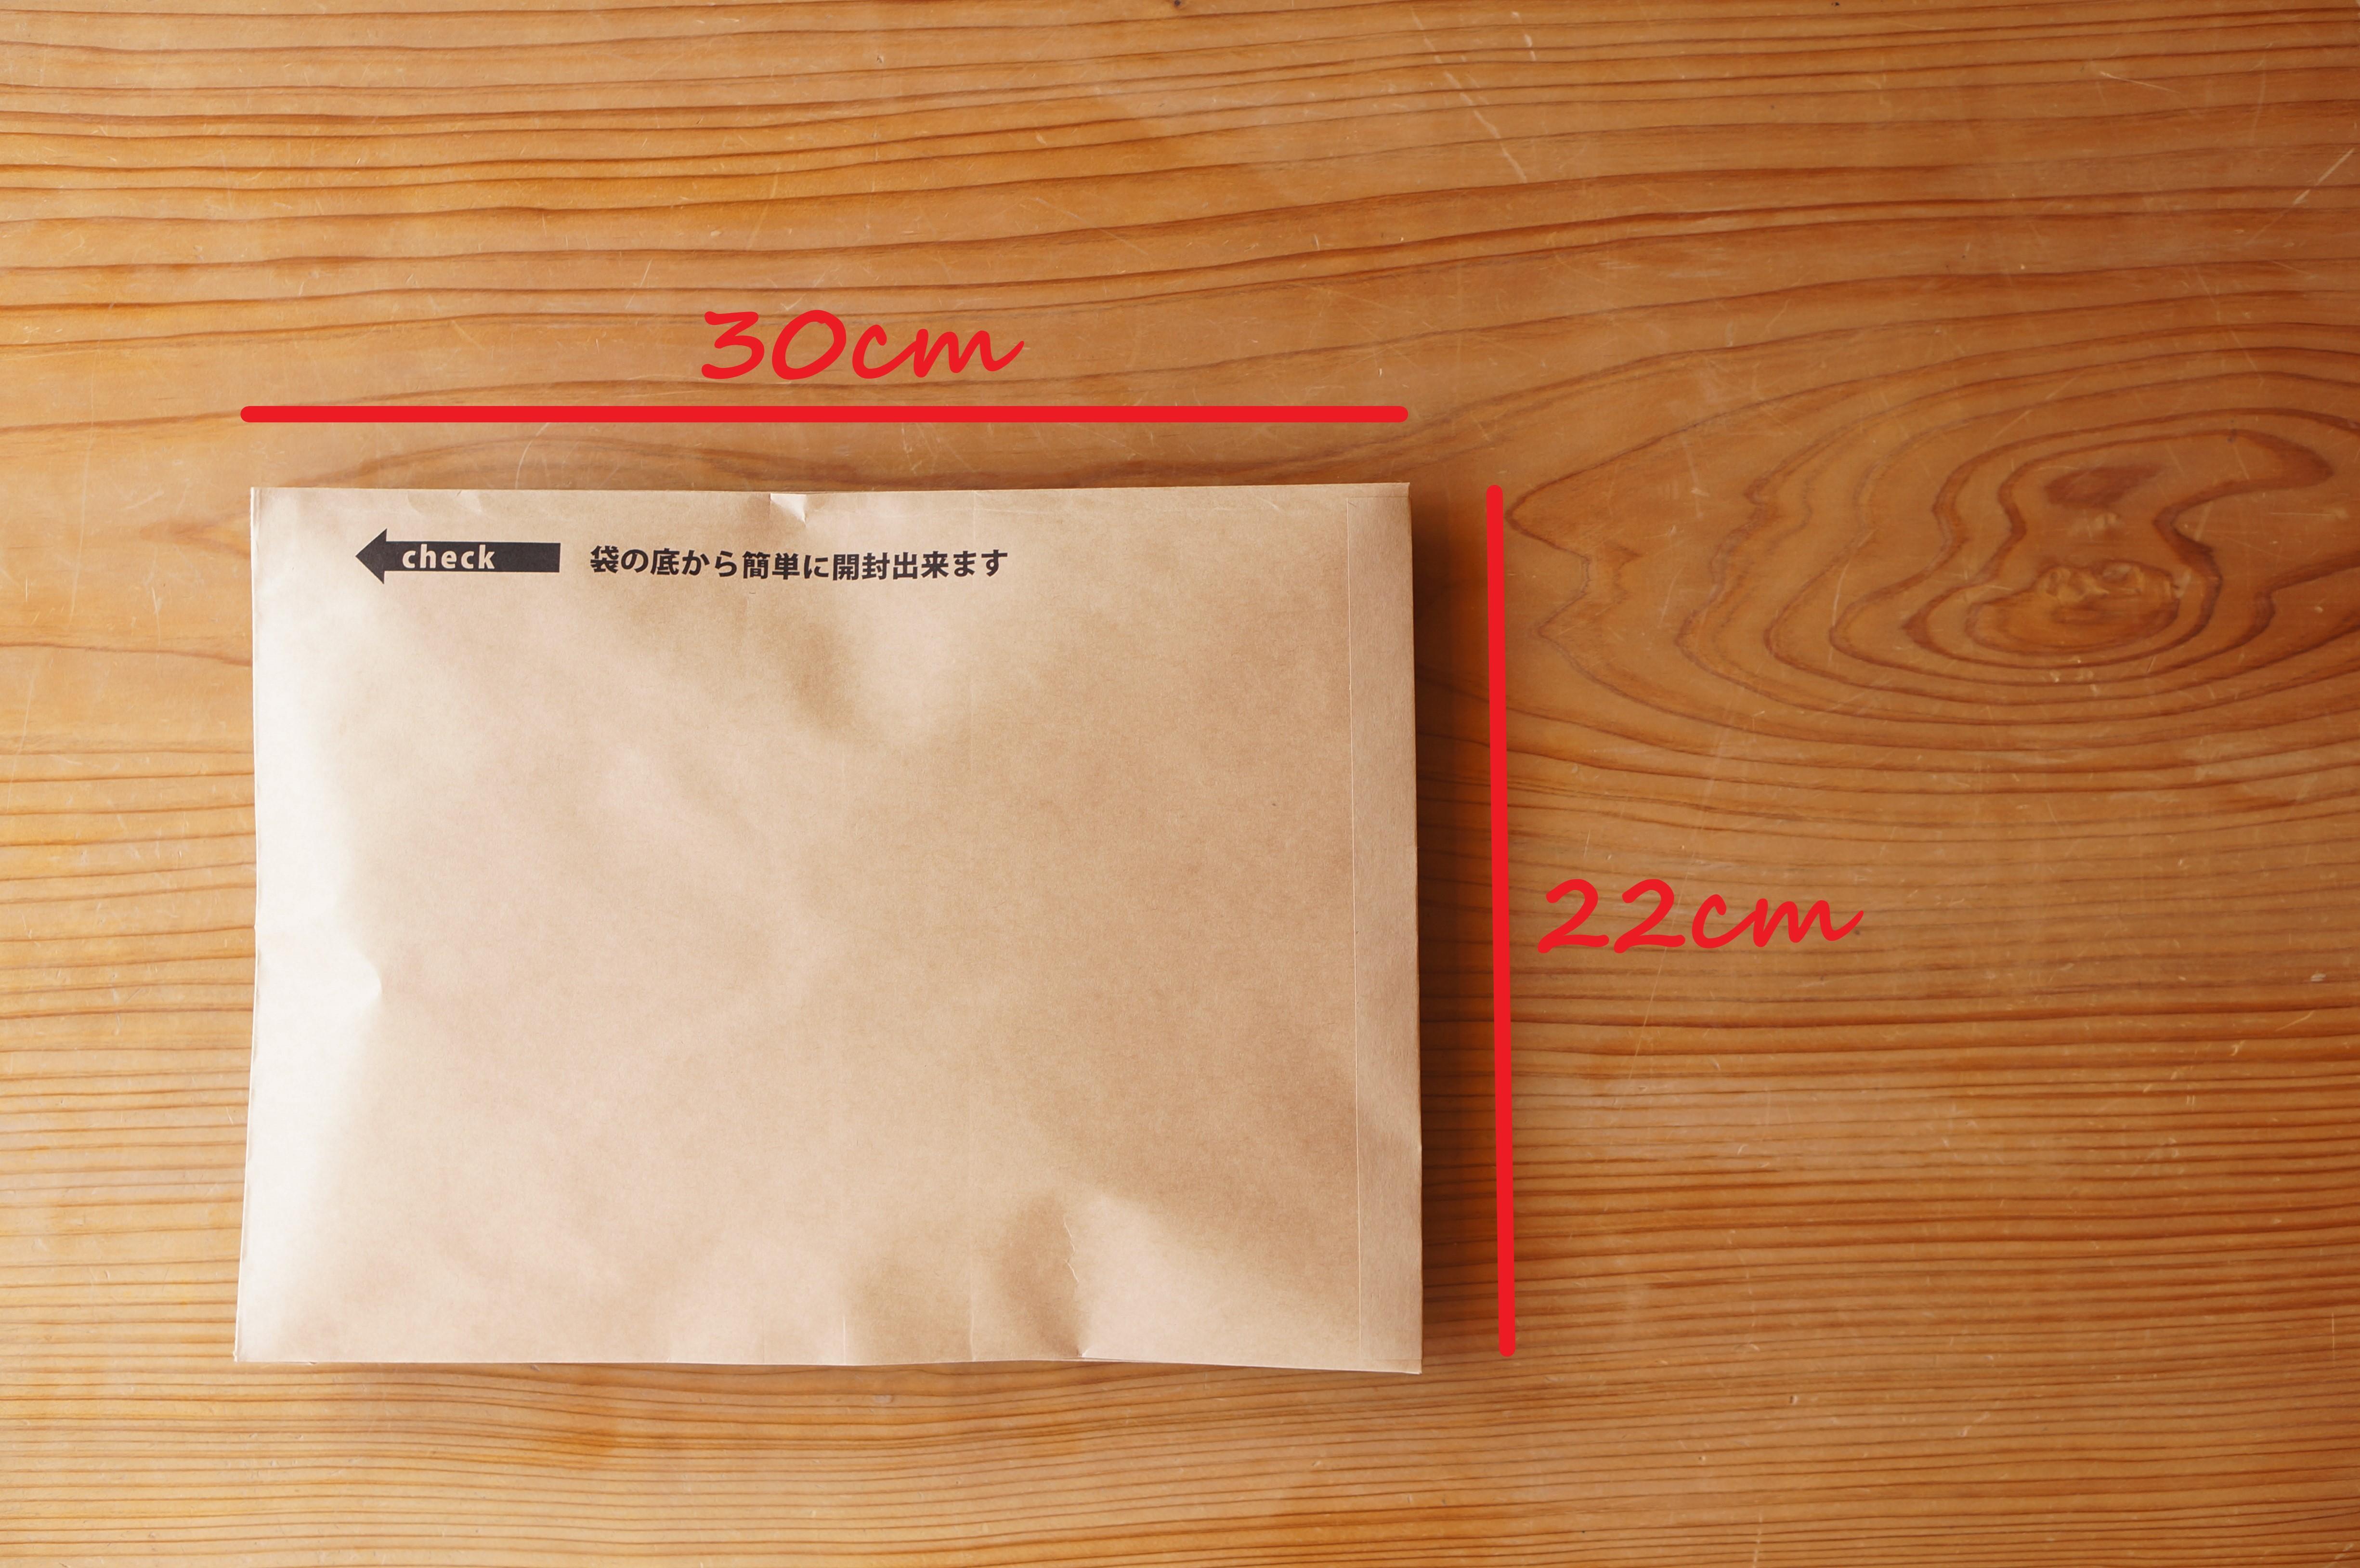 メール便の封筒